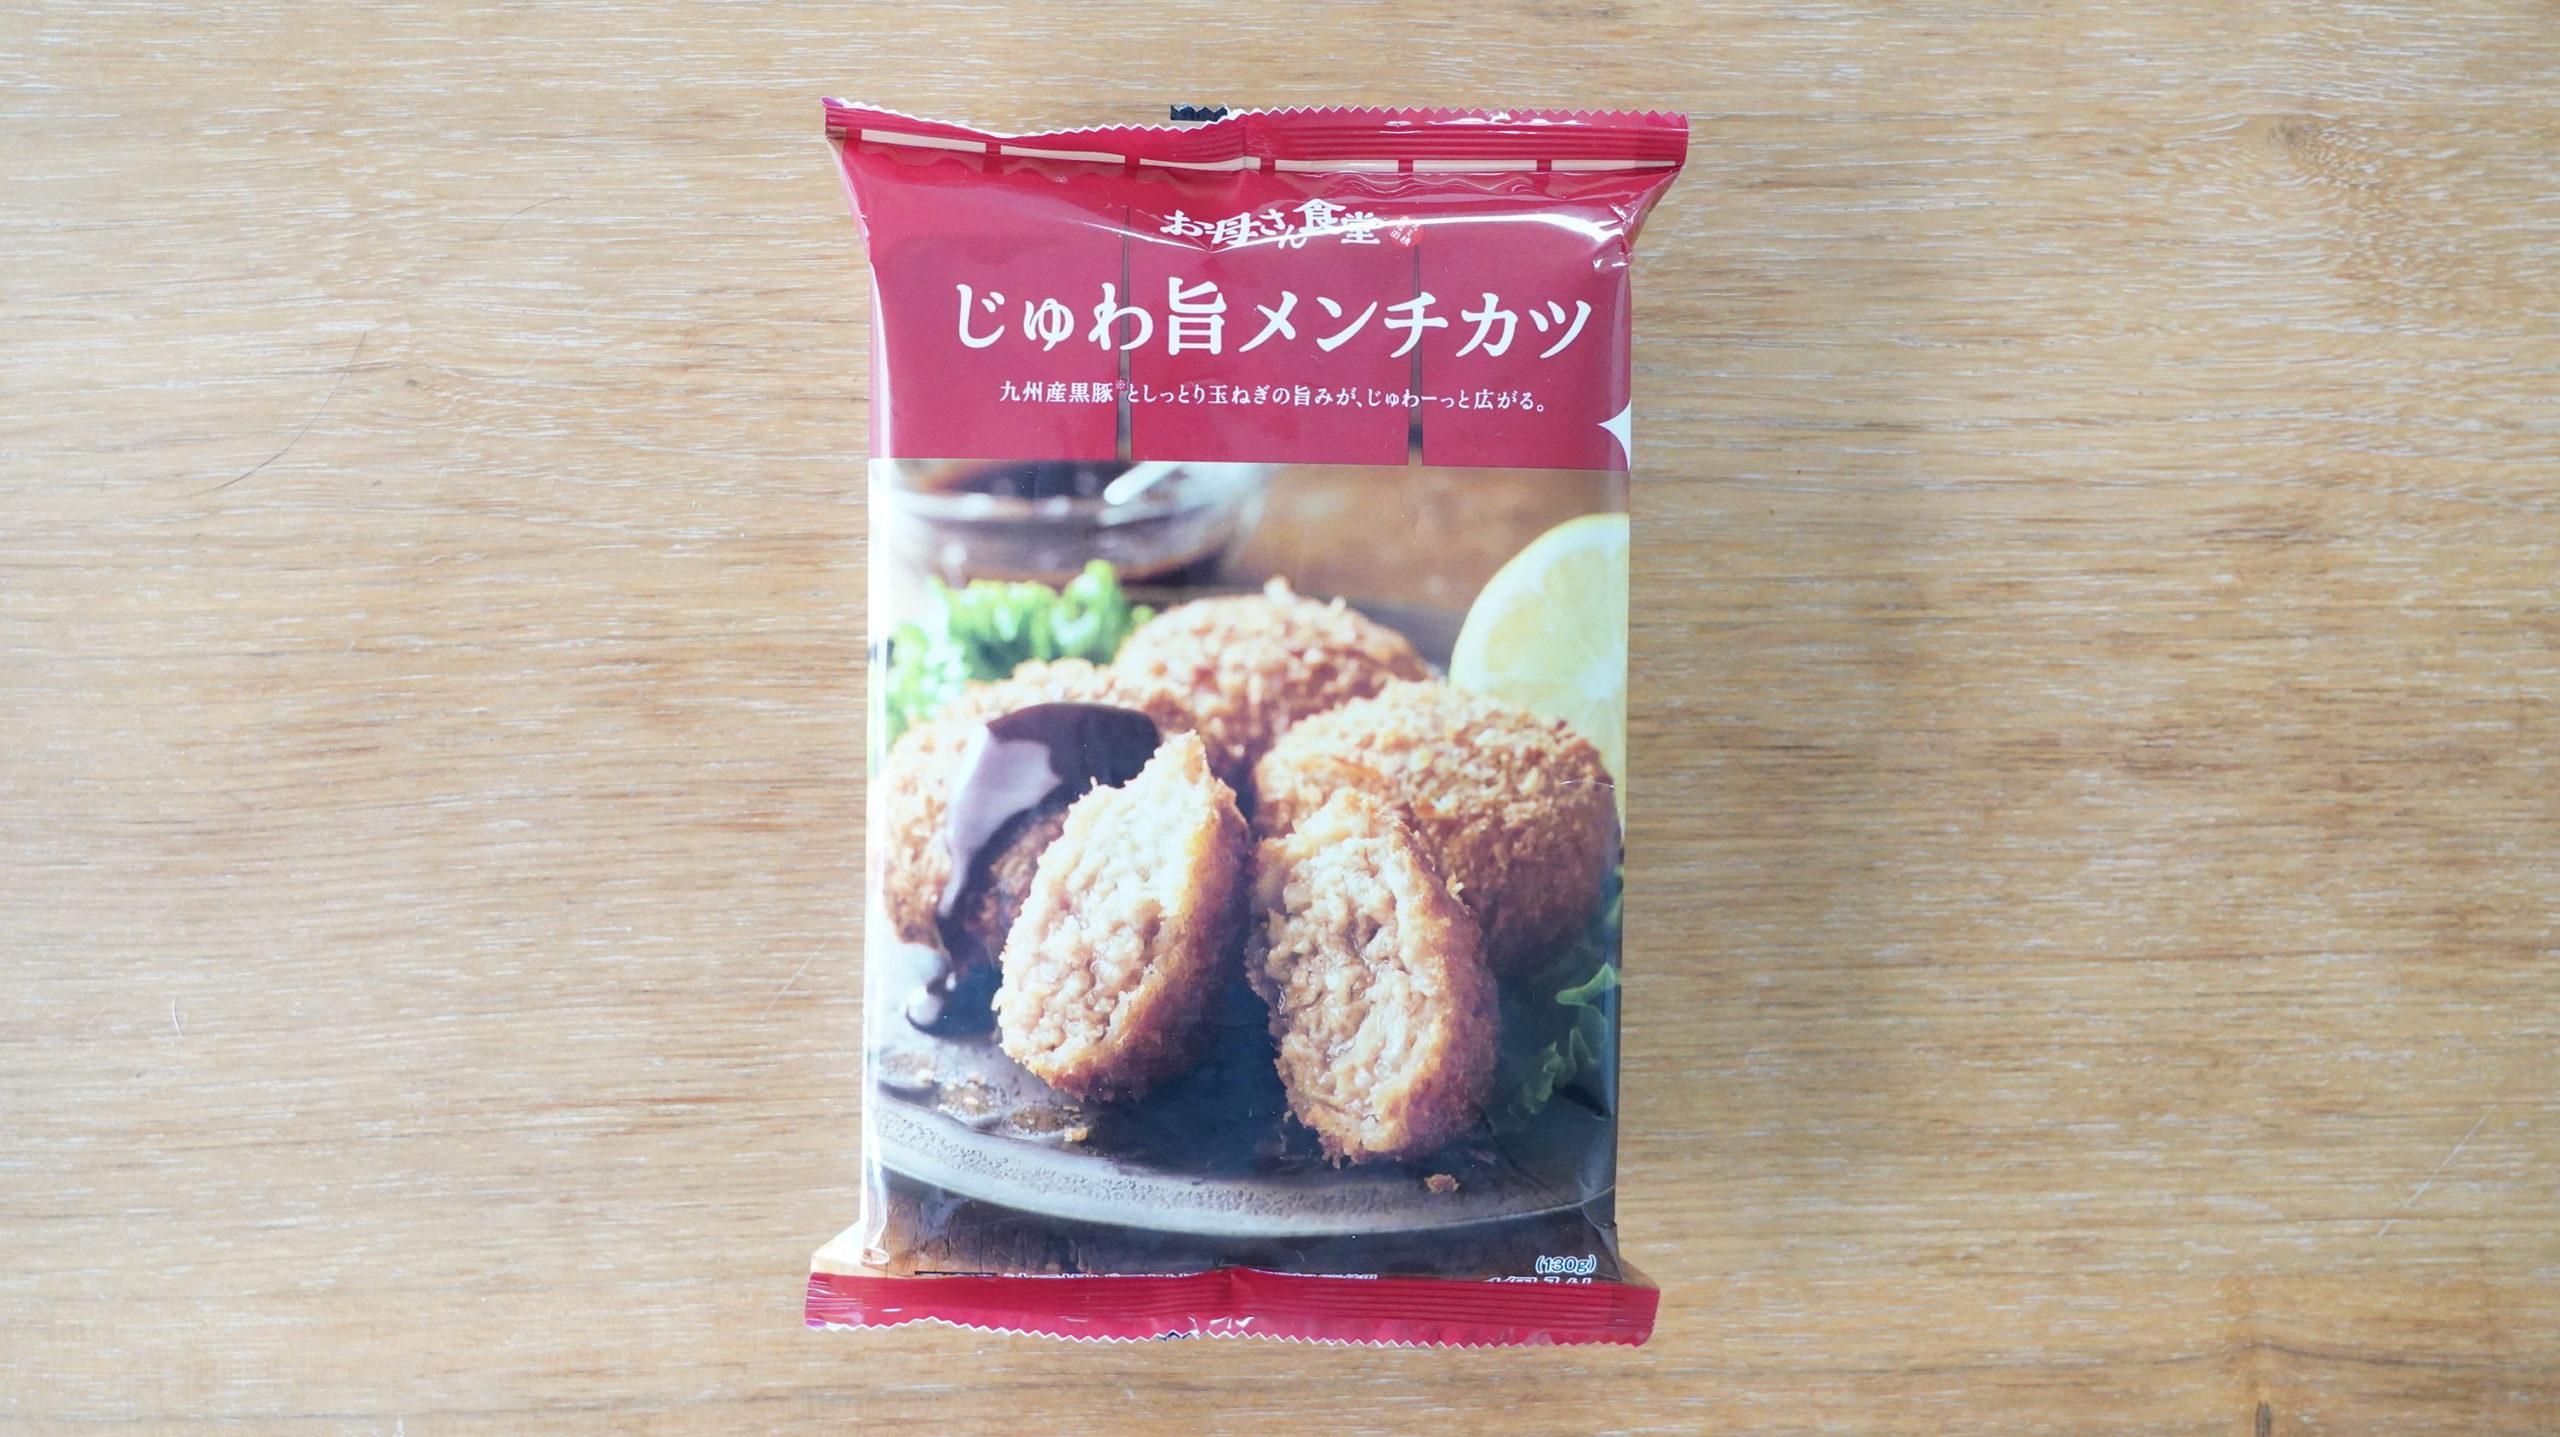 ファミリーマートの冷凍食品「じゅわ旨メンチカツ」のパッケージの写真